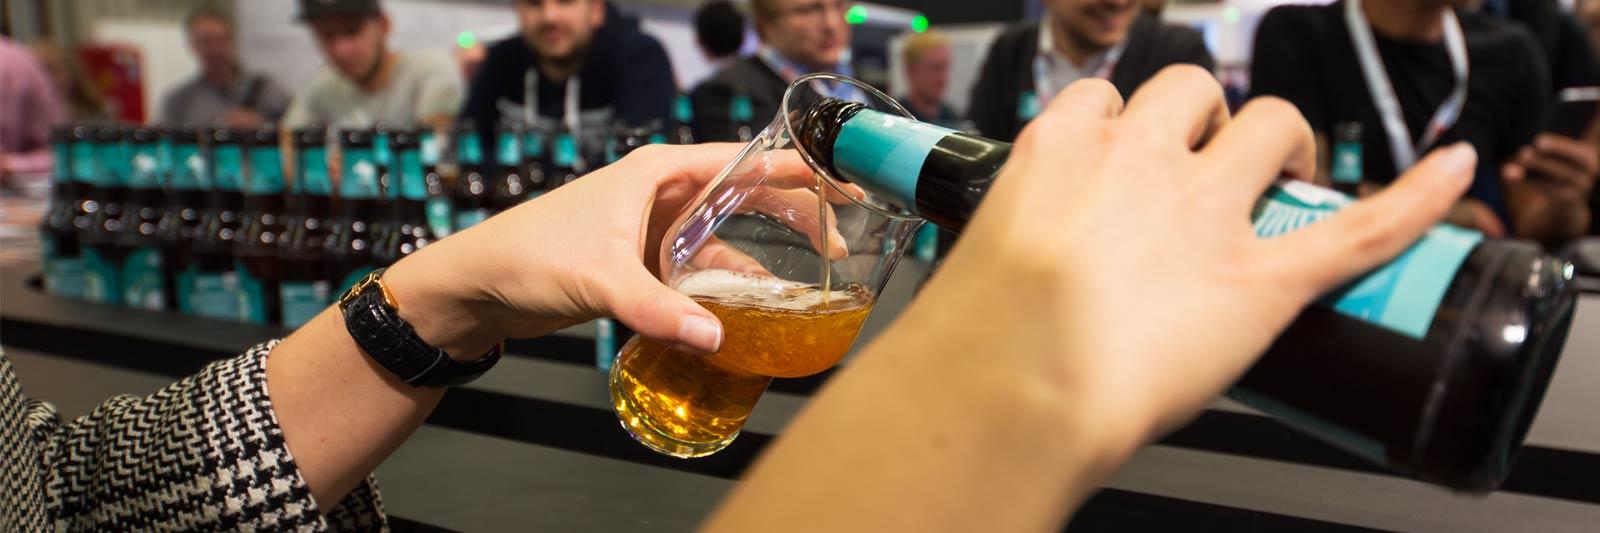 brau2018-ausleitbar-serving-beer-m.jpg